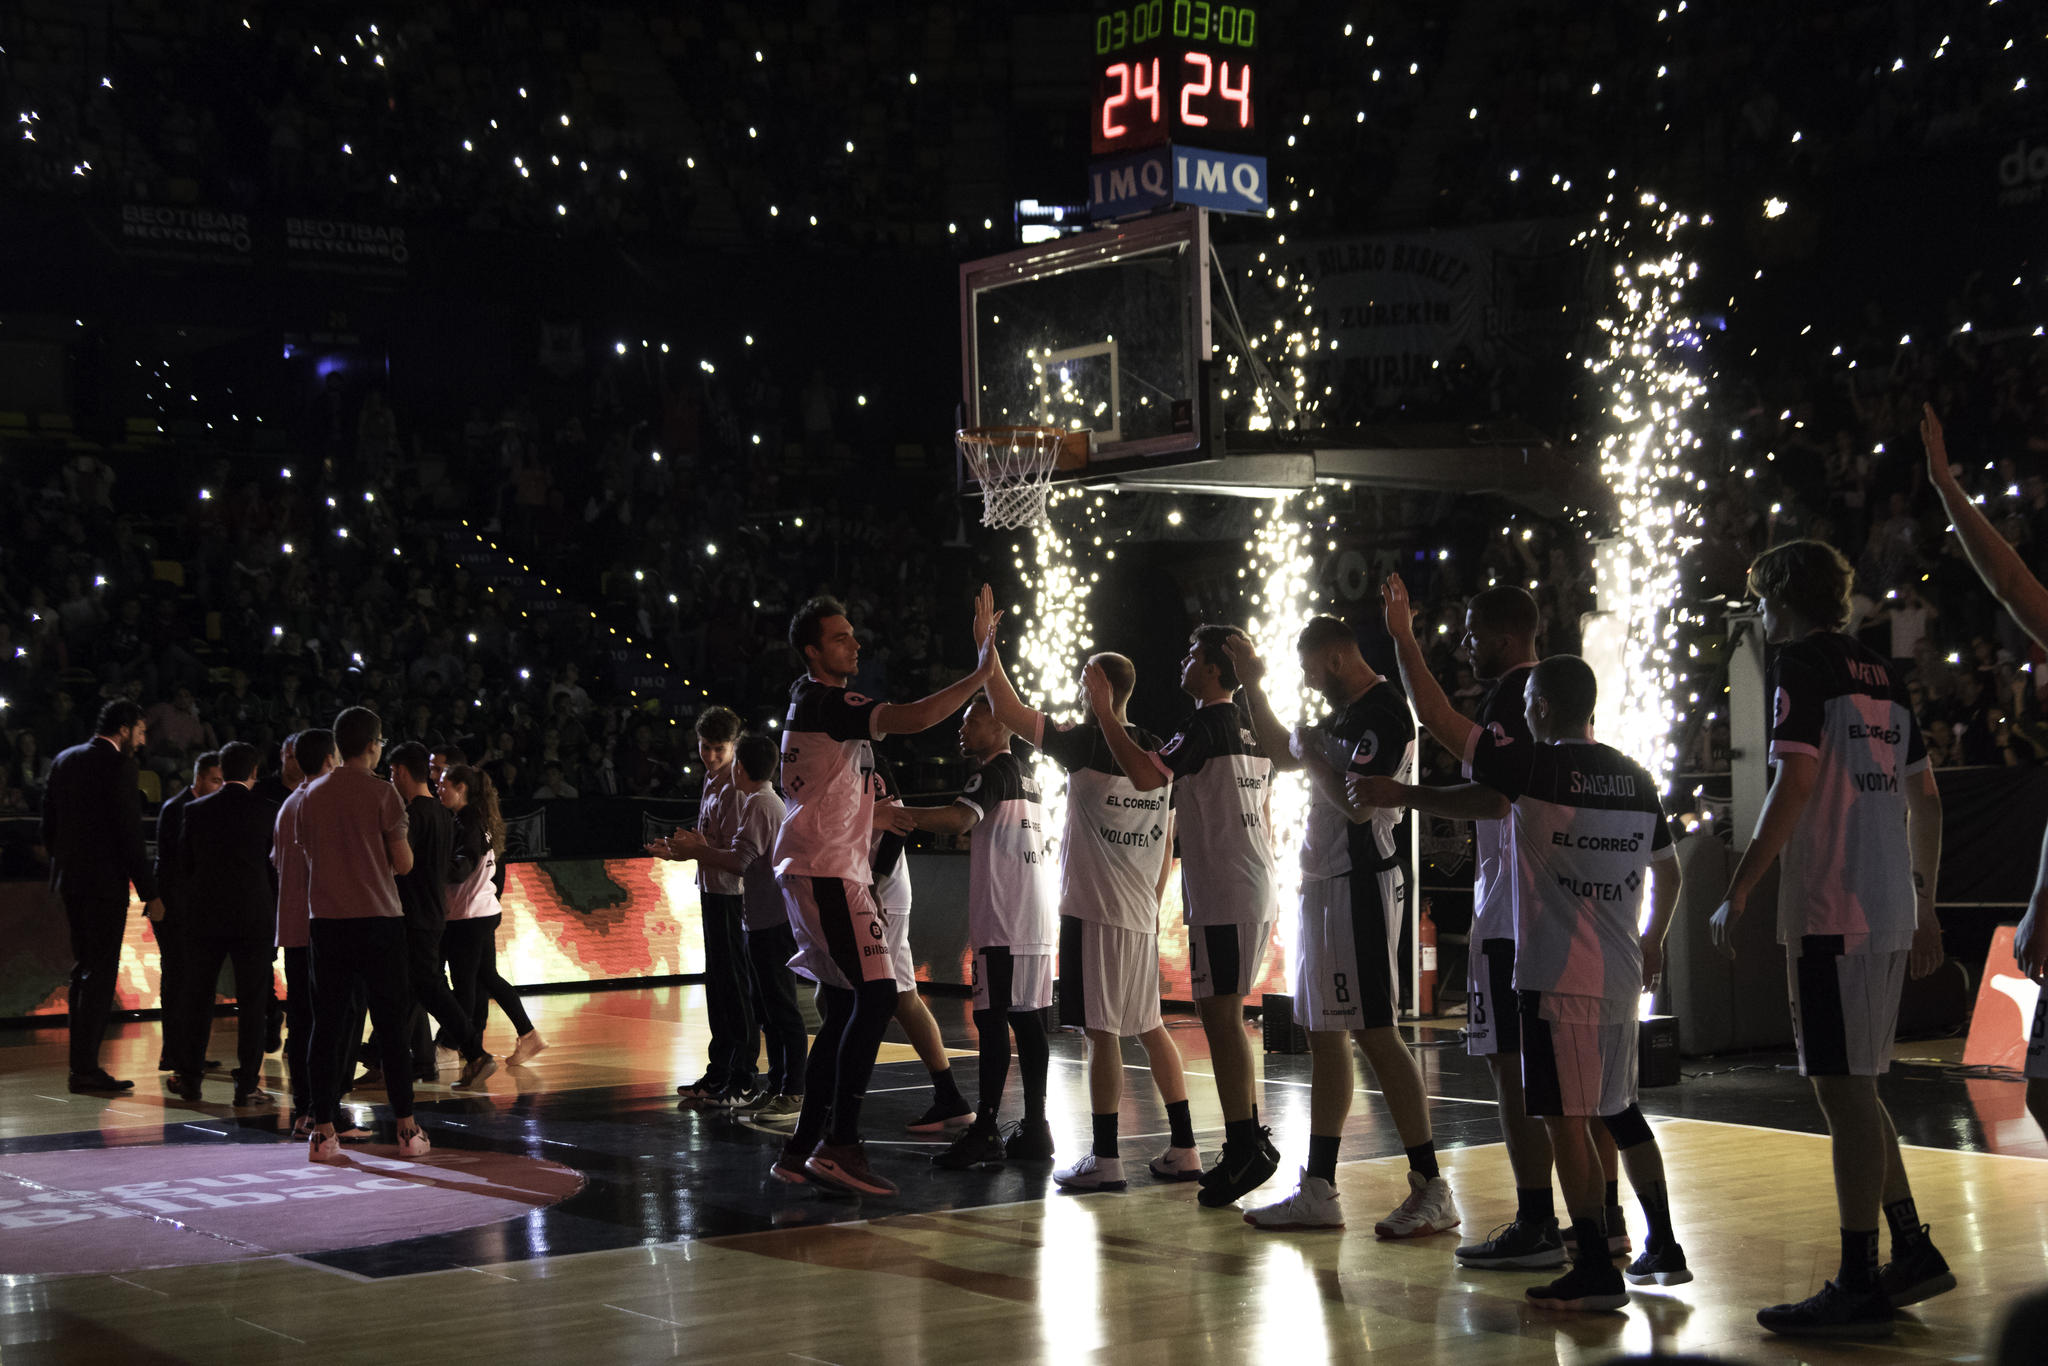 Espectacular presentación del Bilbao Basket | Foto: Luis Fernando Boo.